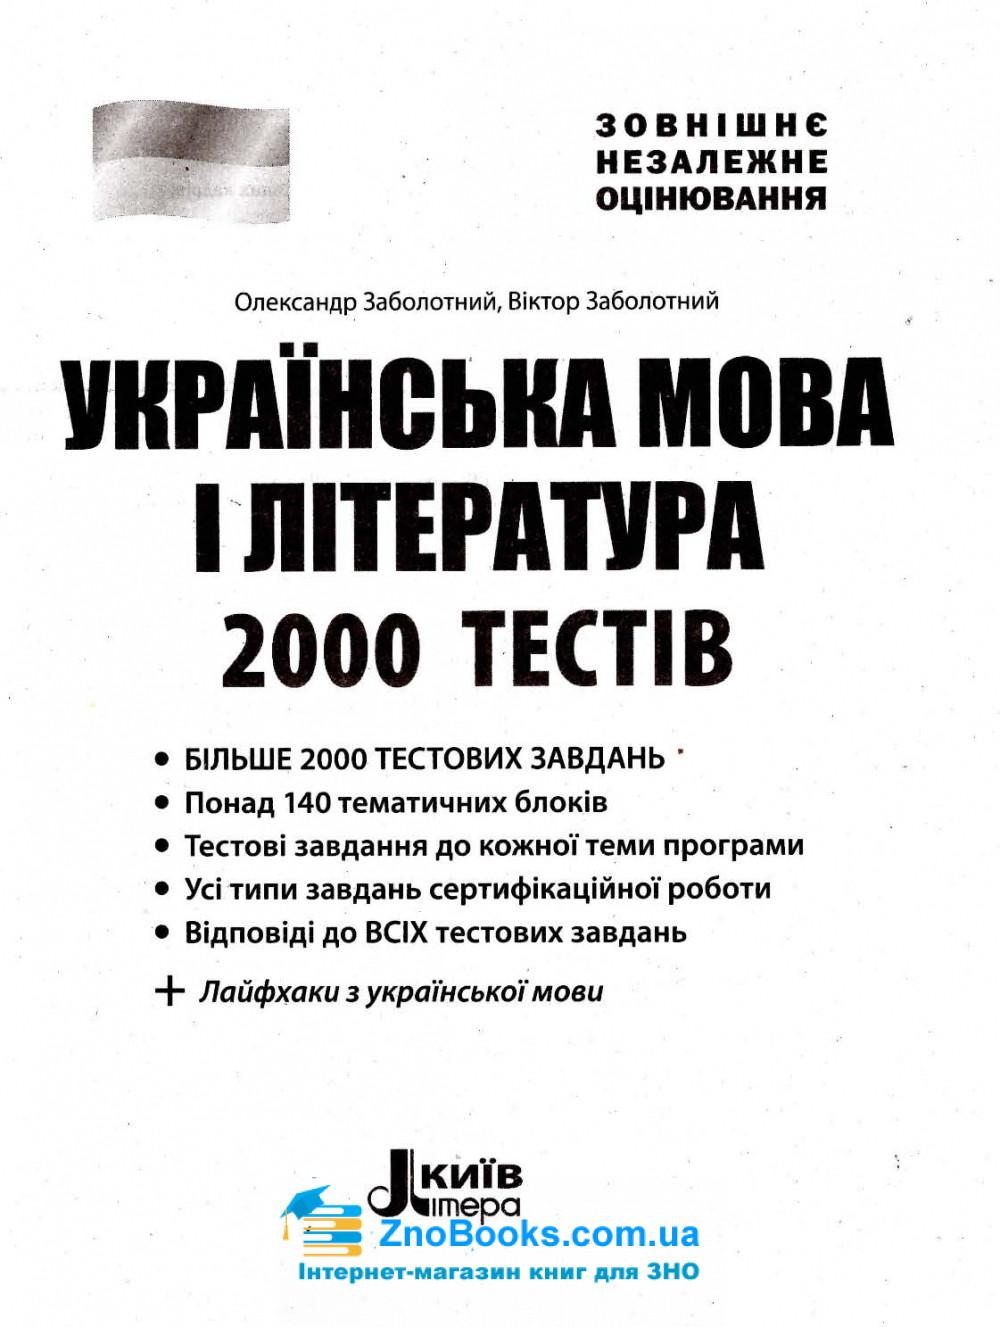 2000 тестів українська мова і література ЗНО 2022  : Заболотний О., Заболотний В. Видавництво Літера. купити 1